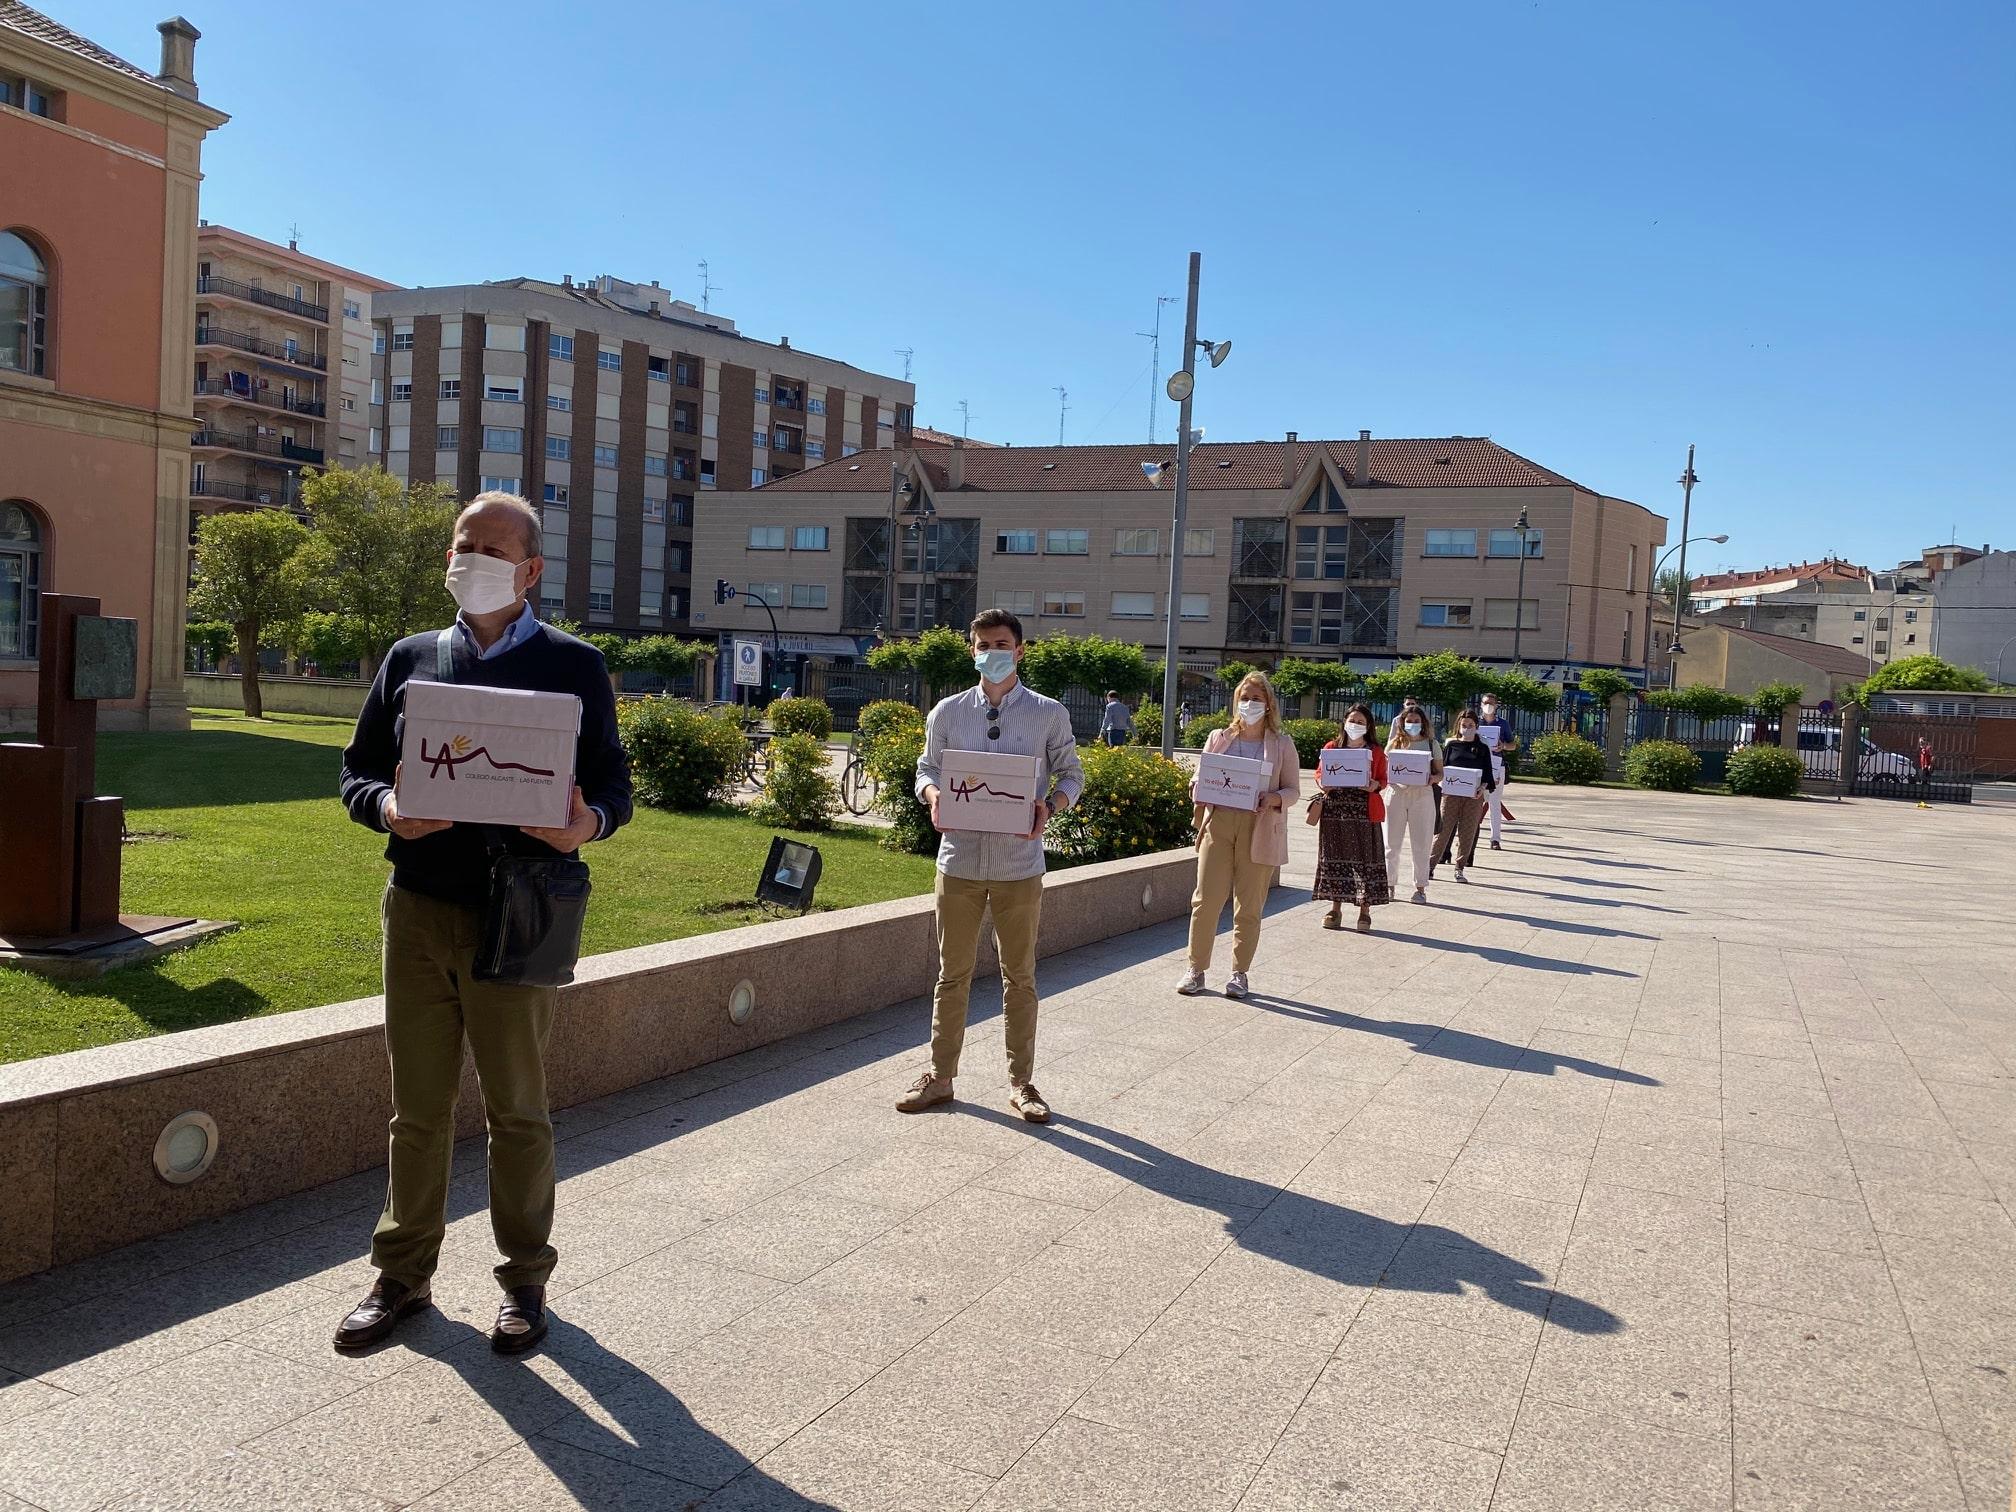 Familias del colegio Alcaste entregan cerca de 3.000 cartas al consejero de Educación rechazando sus medidas 1